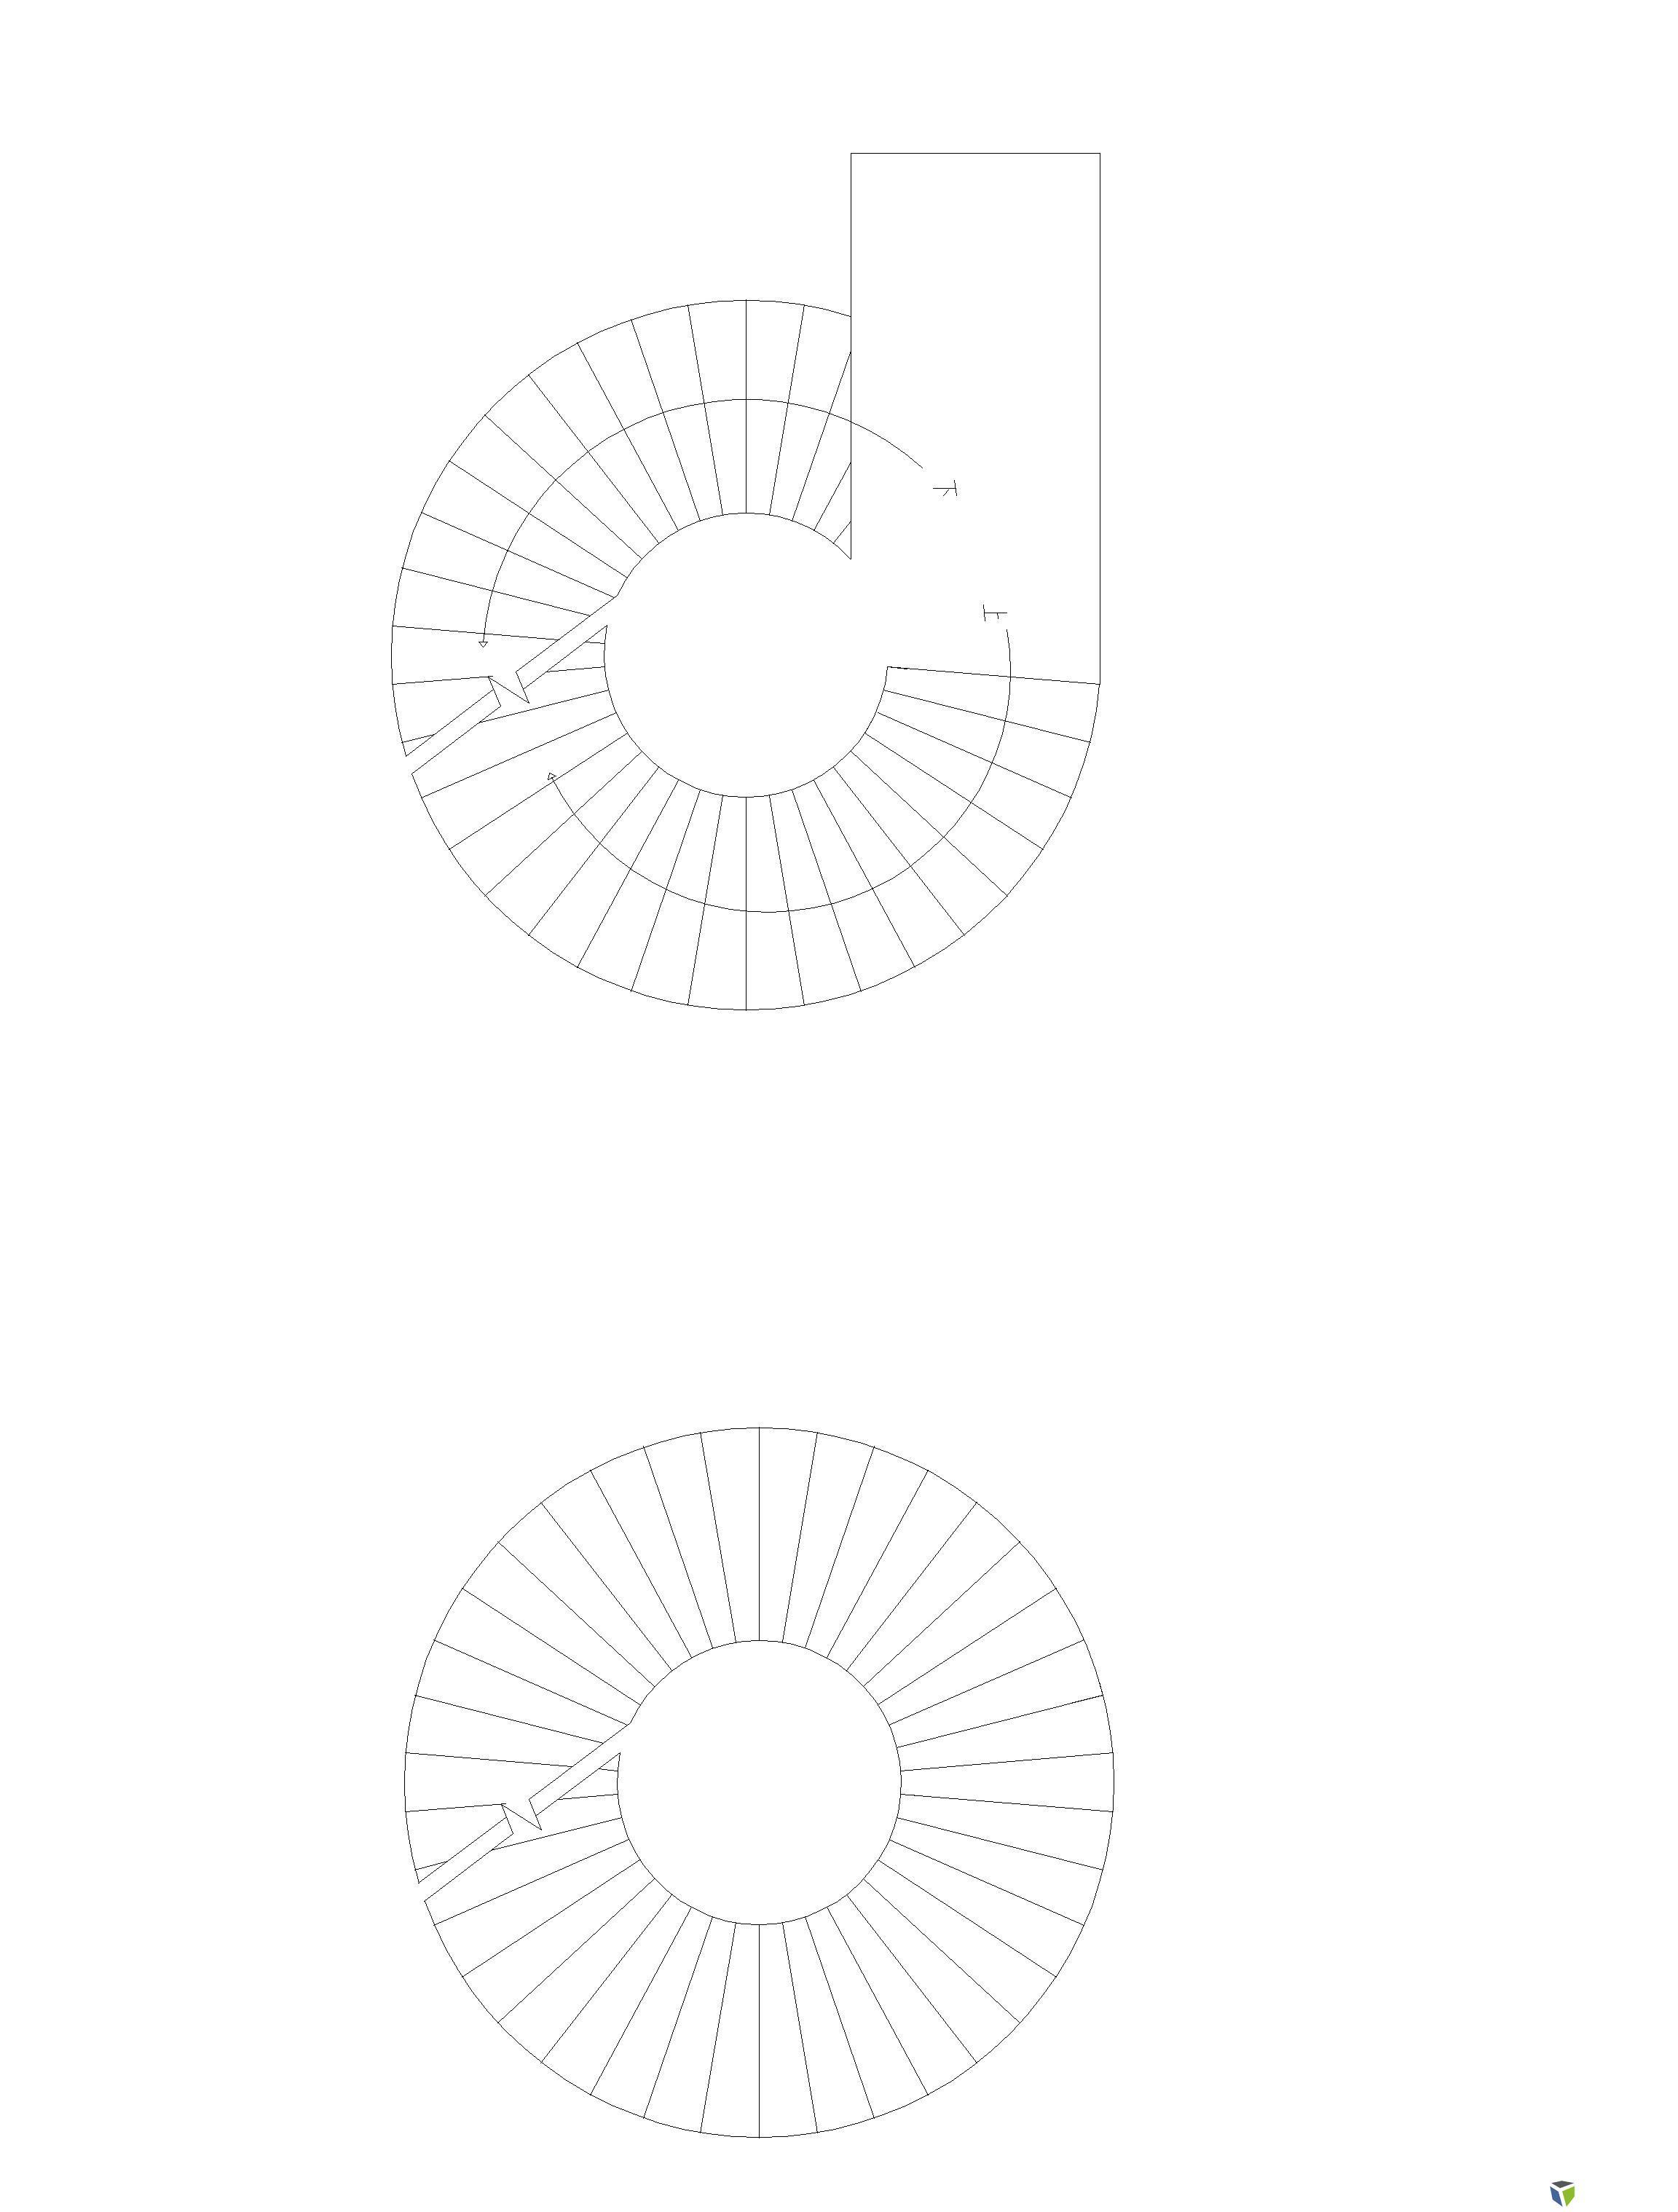 旋转楼梯画法?